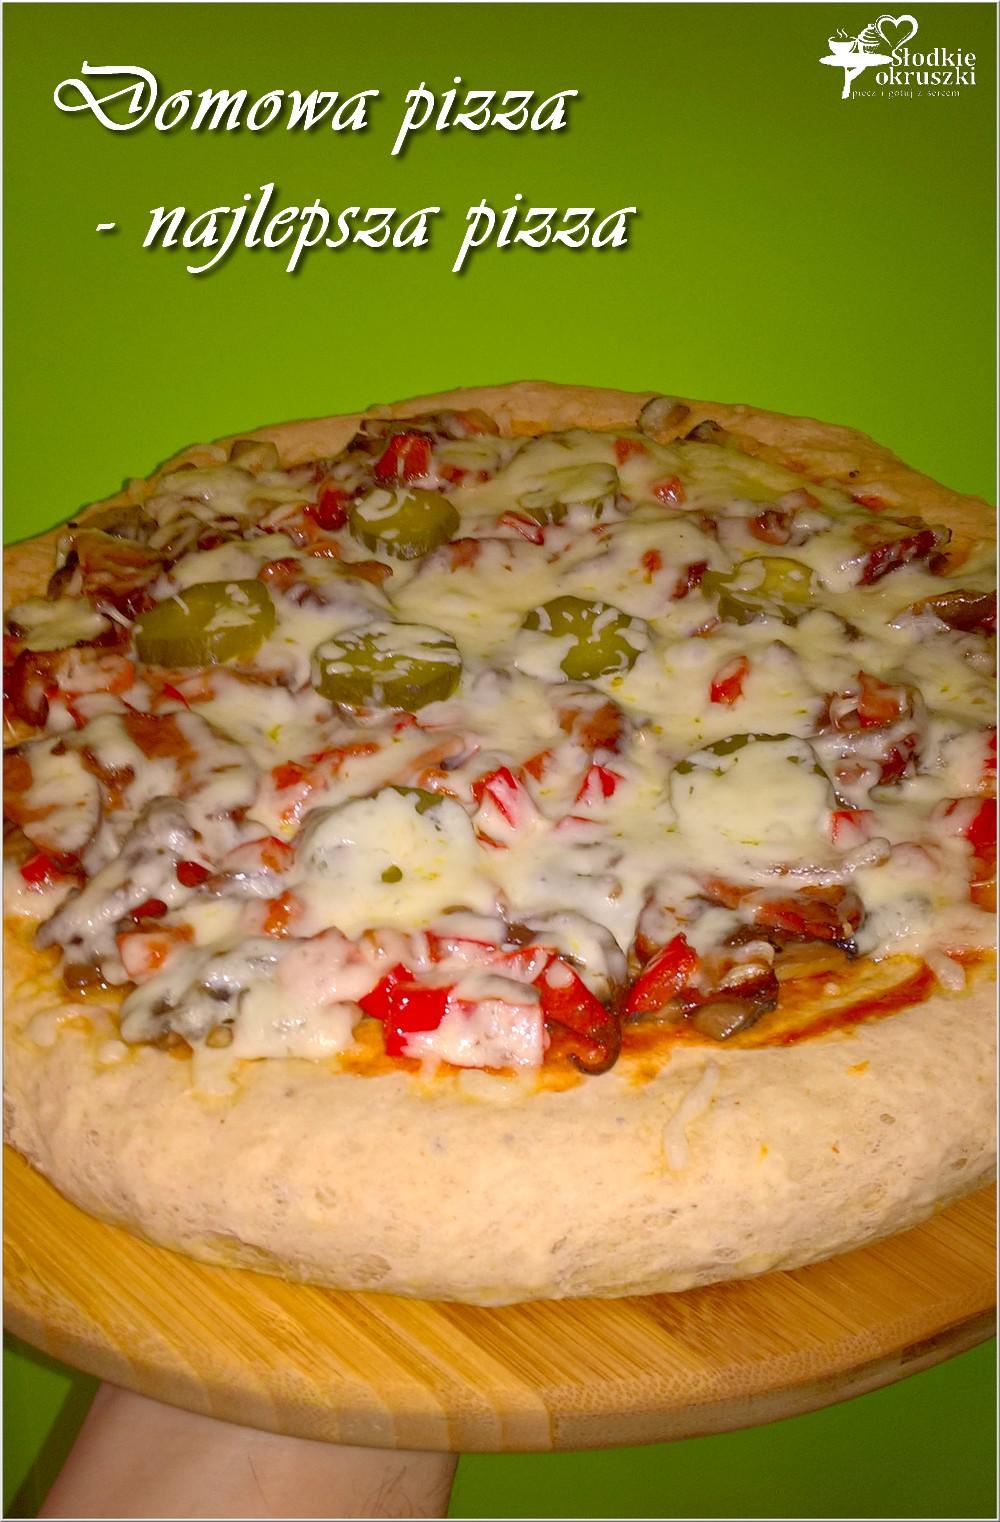 Domowa pizza - najlepsza pizza